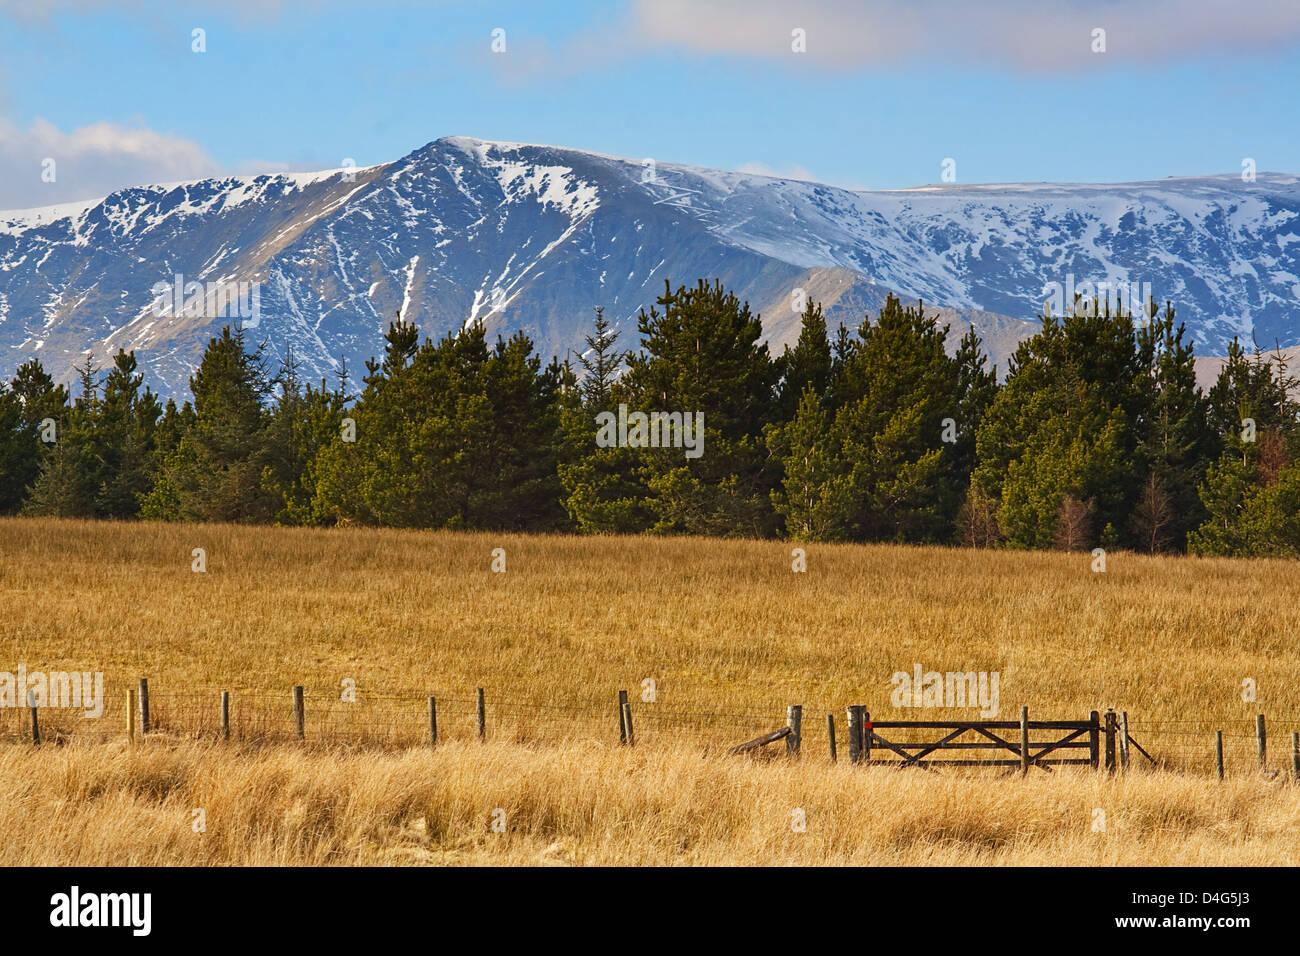 Nevadas montañas rocosas detrás de los árboles de pieles con campo o prairie delante Imagen De Stock